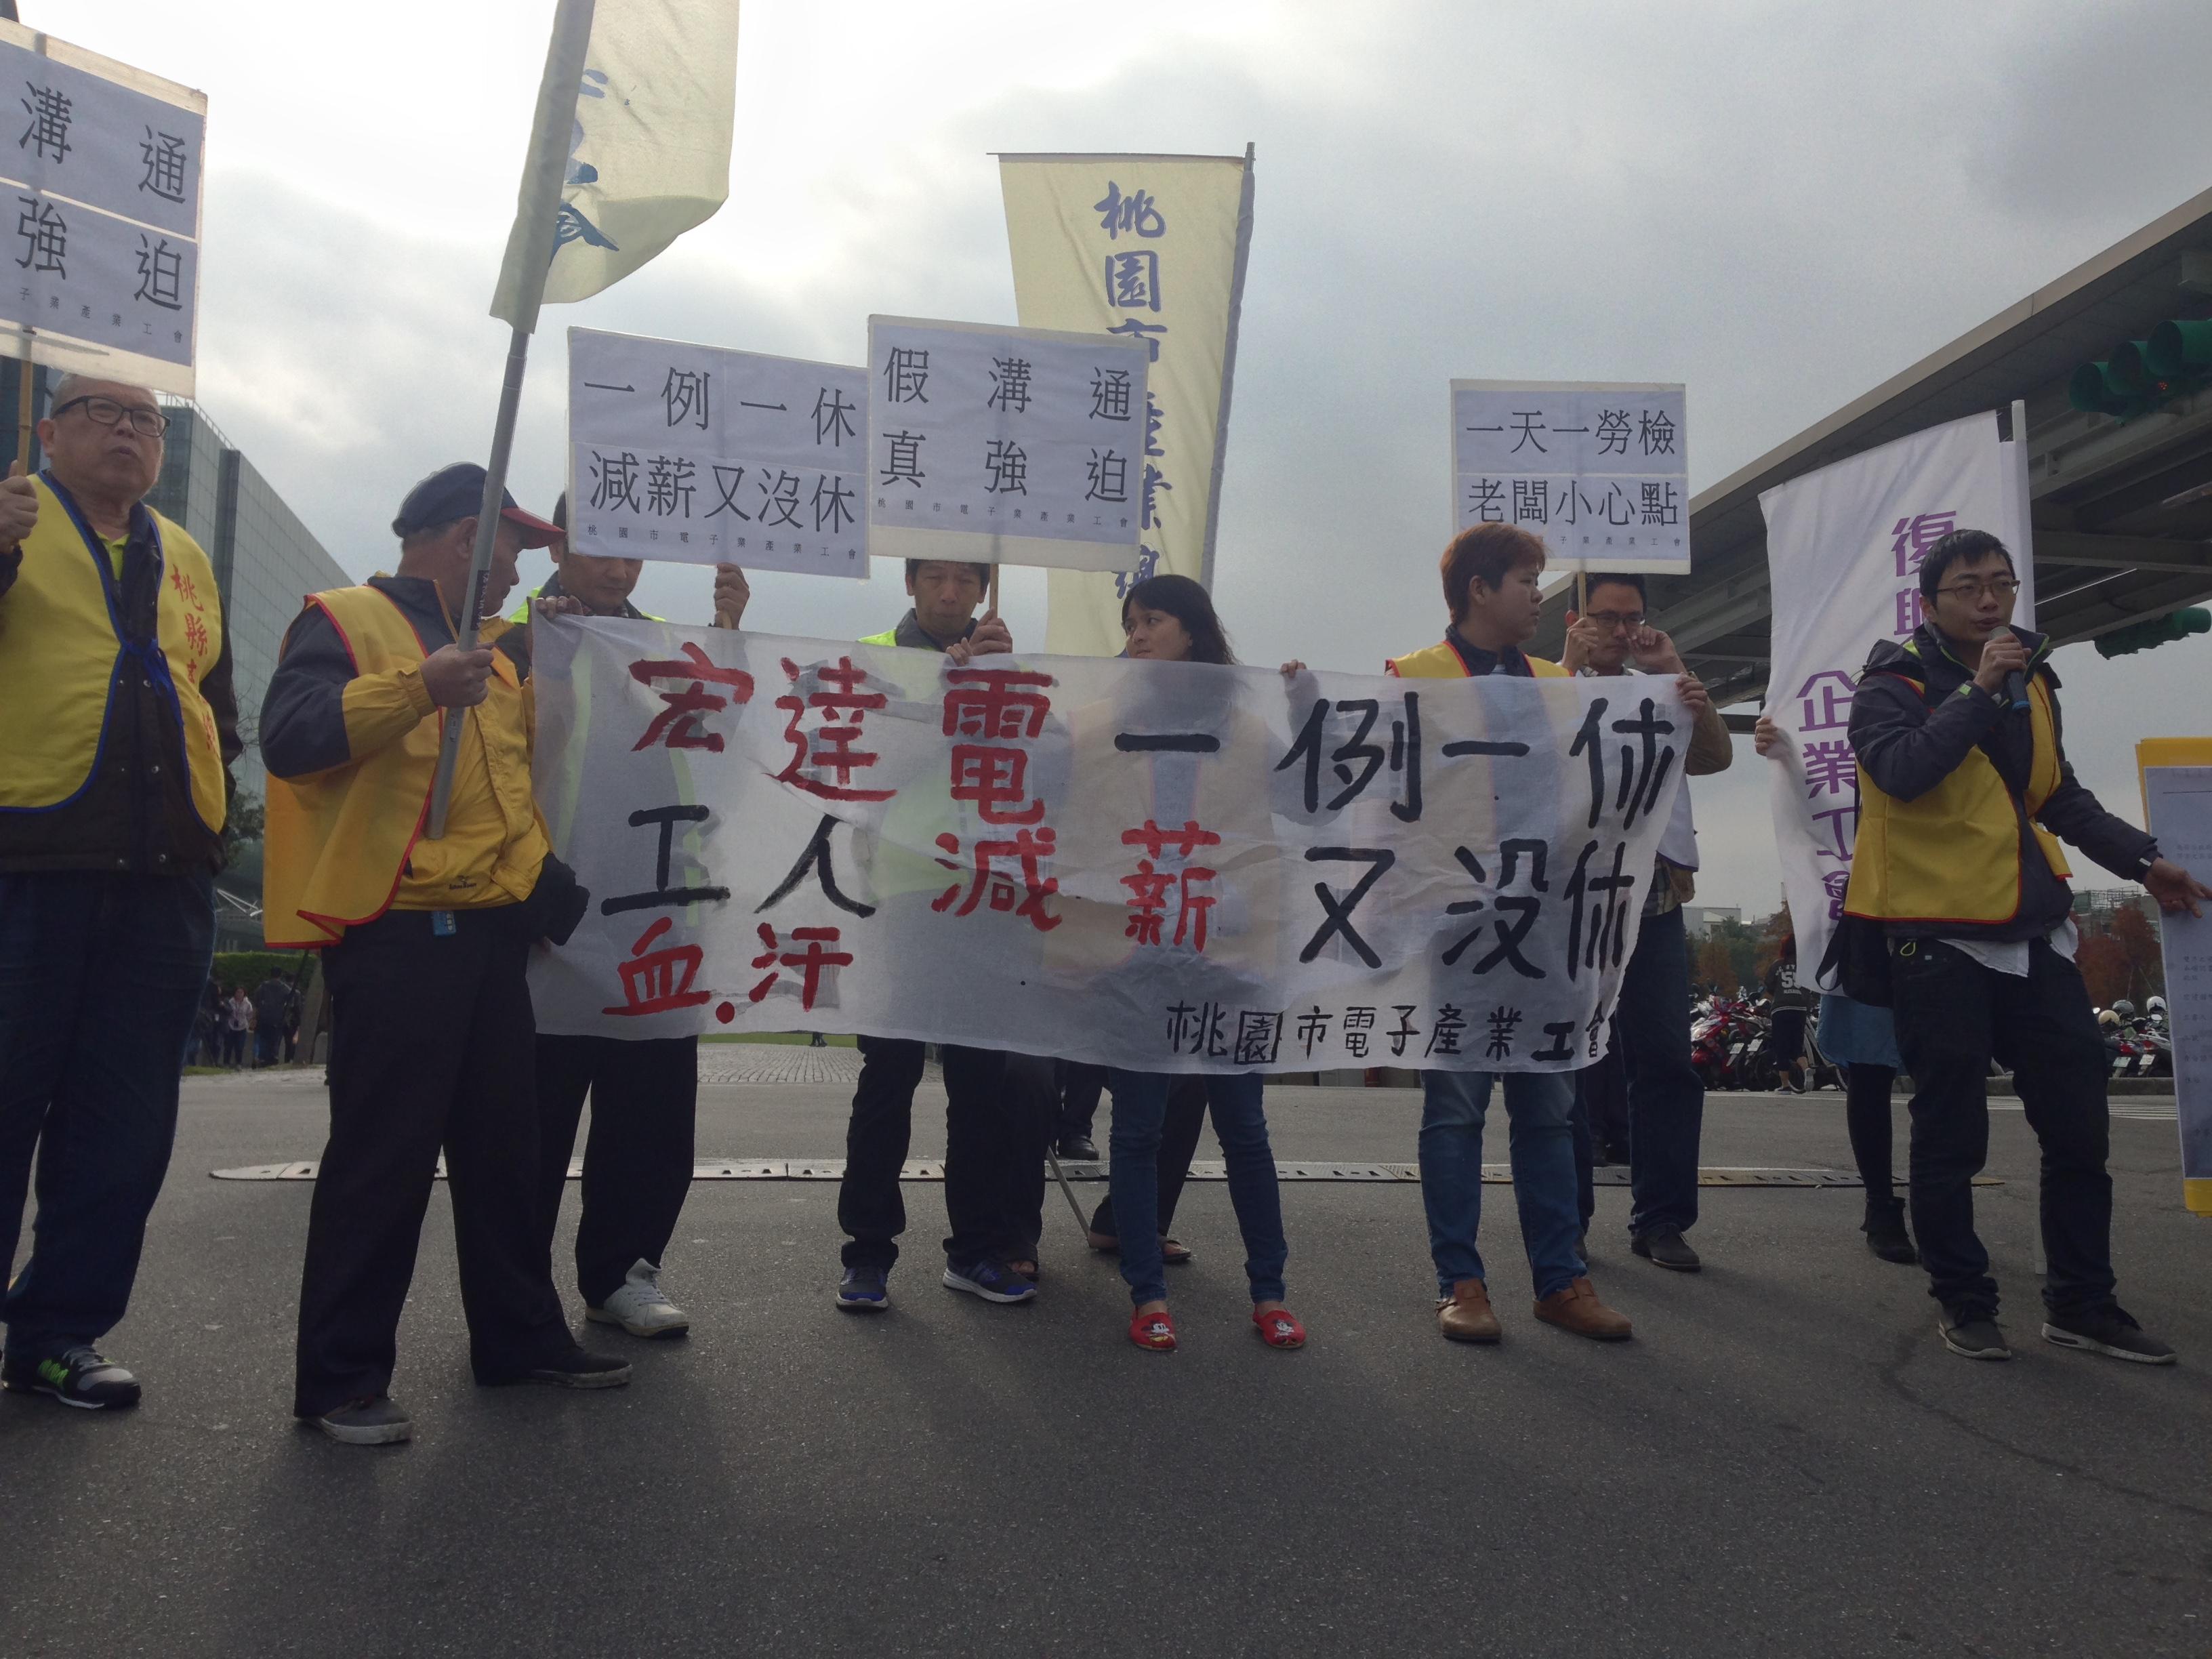 宏達電逼迫勞工簽署「變更薪資結構」與「國定假日調移」兩份同意書,勞團今日聚集於宏達電公司門前抗議。(攝影:張宗坤)